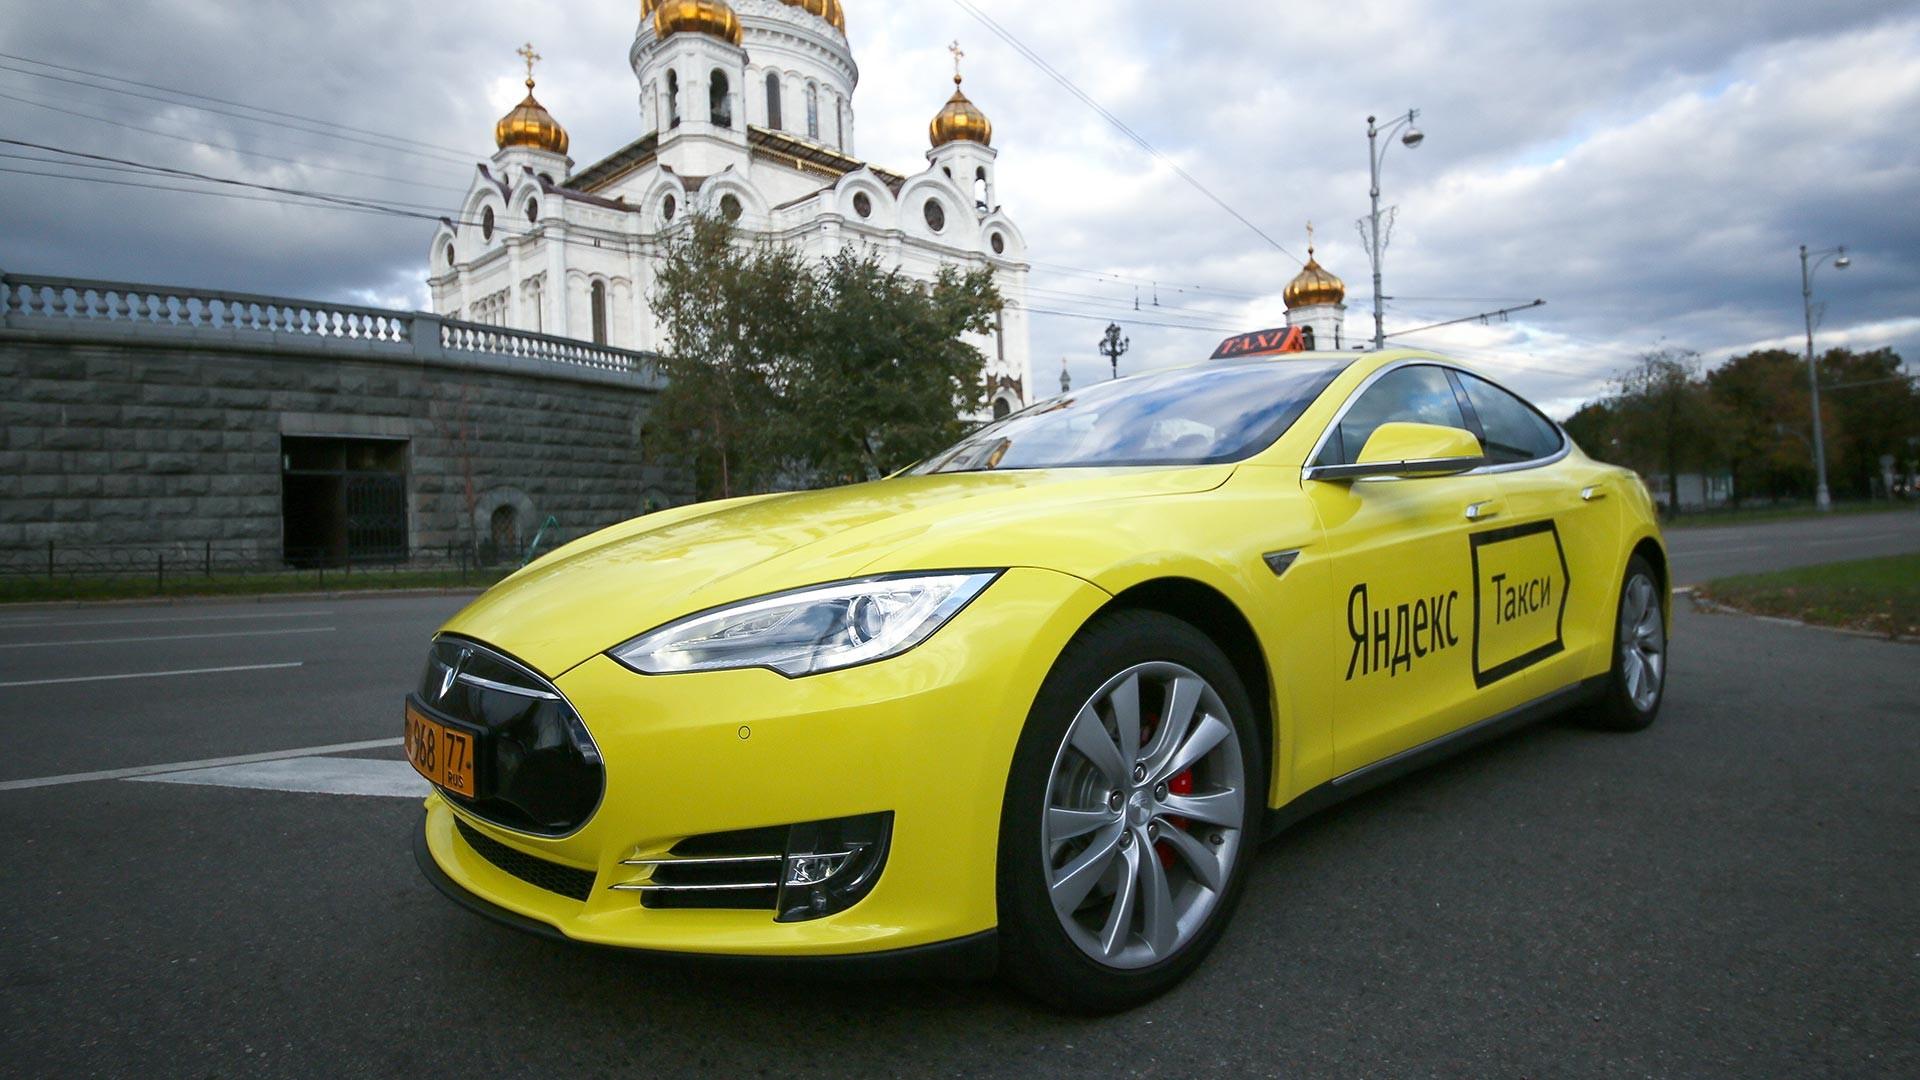 Le premier taxi électrique Tesla du service Yandex.Taxi dans l'une des rues de Moscou